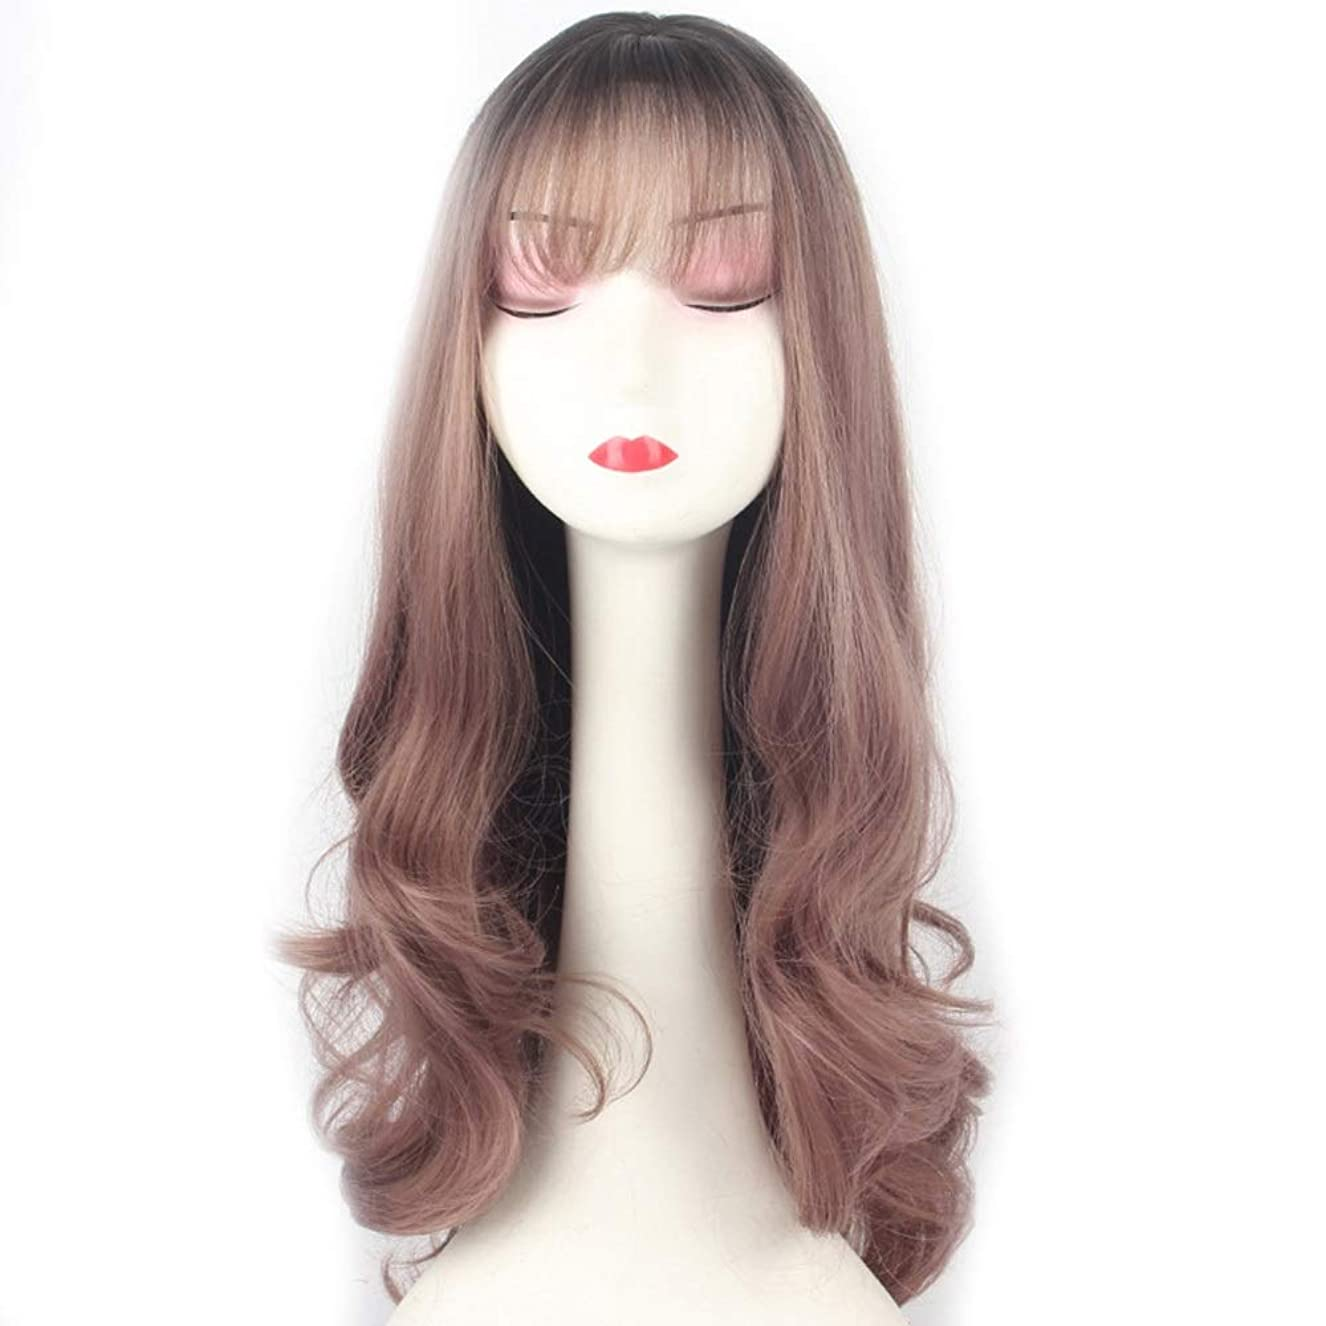 立派な教える誘惑するIsikawan 女性のための空気前髪付きかつら長い巻き毛の自然なふわふわの気質カールデイリードレスグラデーション細いつる紫色 (色 : Gradient thin vine purple)